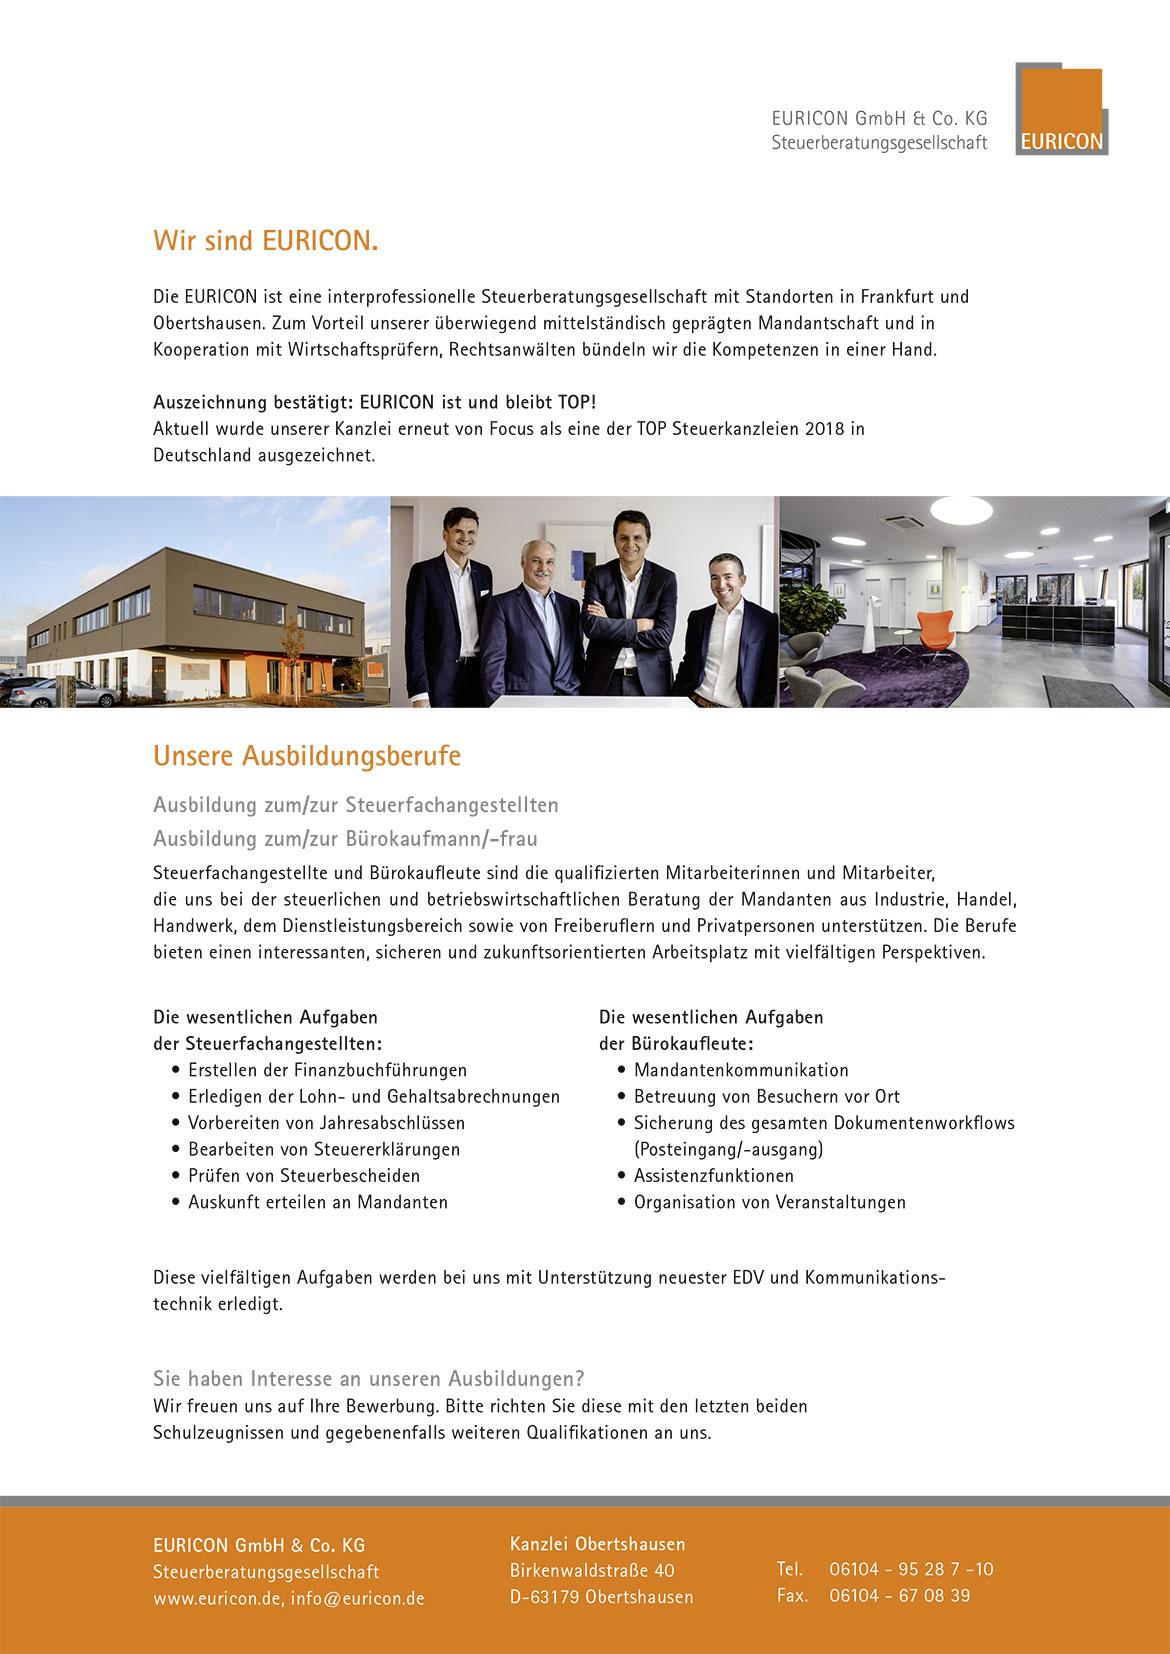 Ausbildungsplakat: EURICON GmbH & Co. KG